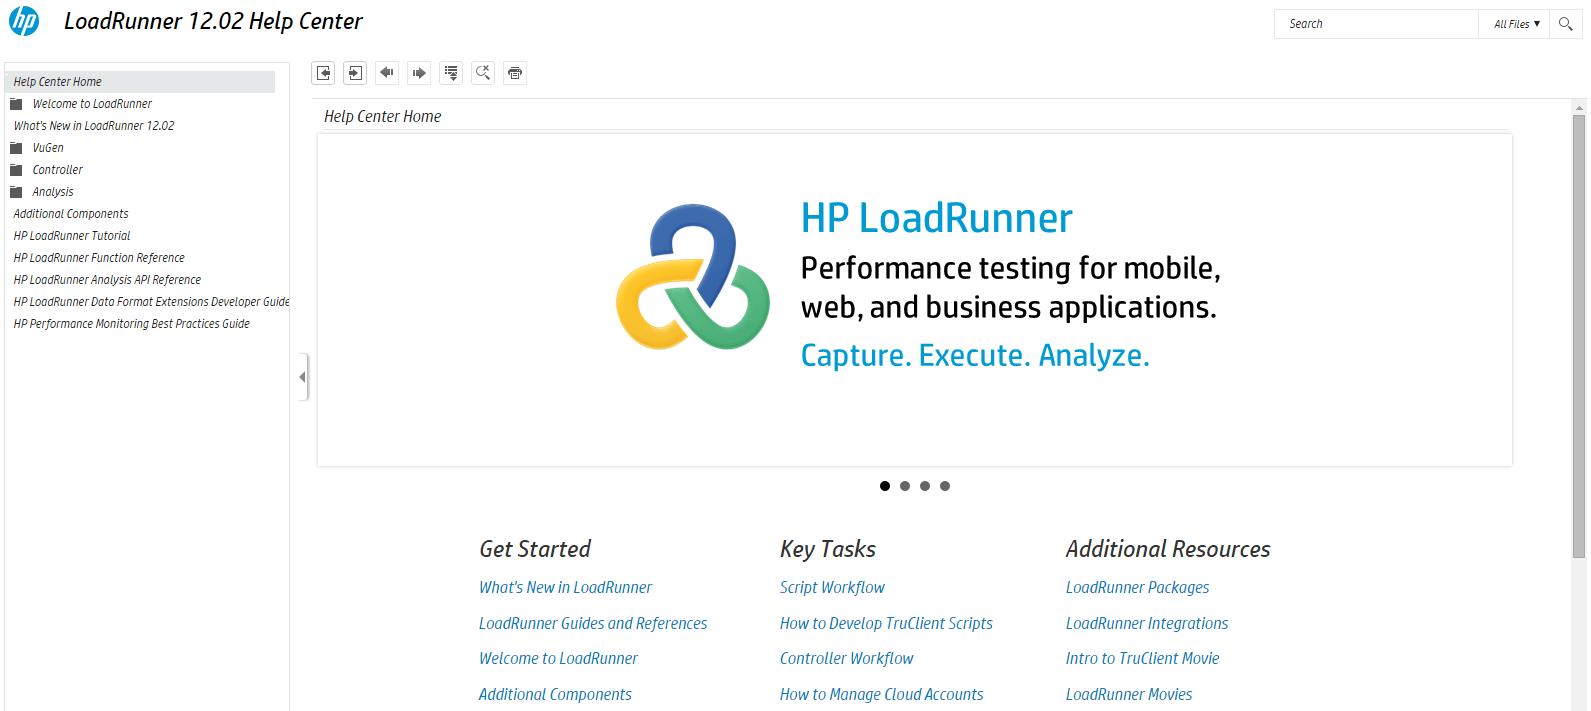 HP LoadRunner Help Center